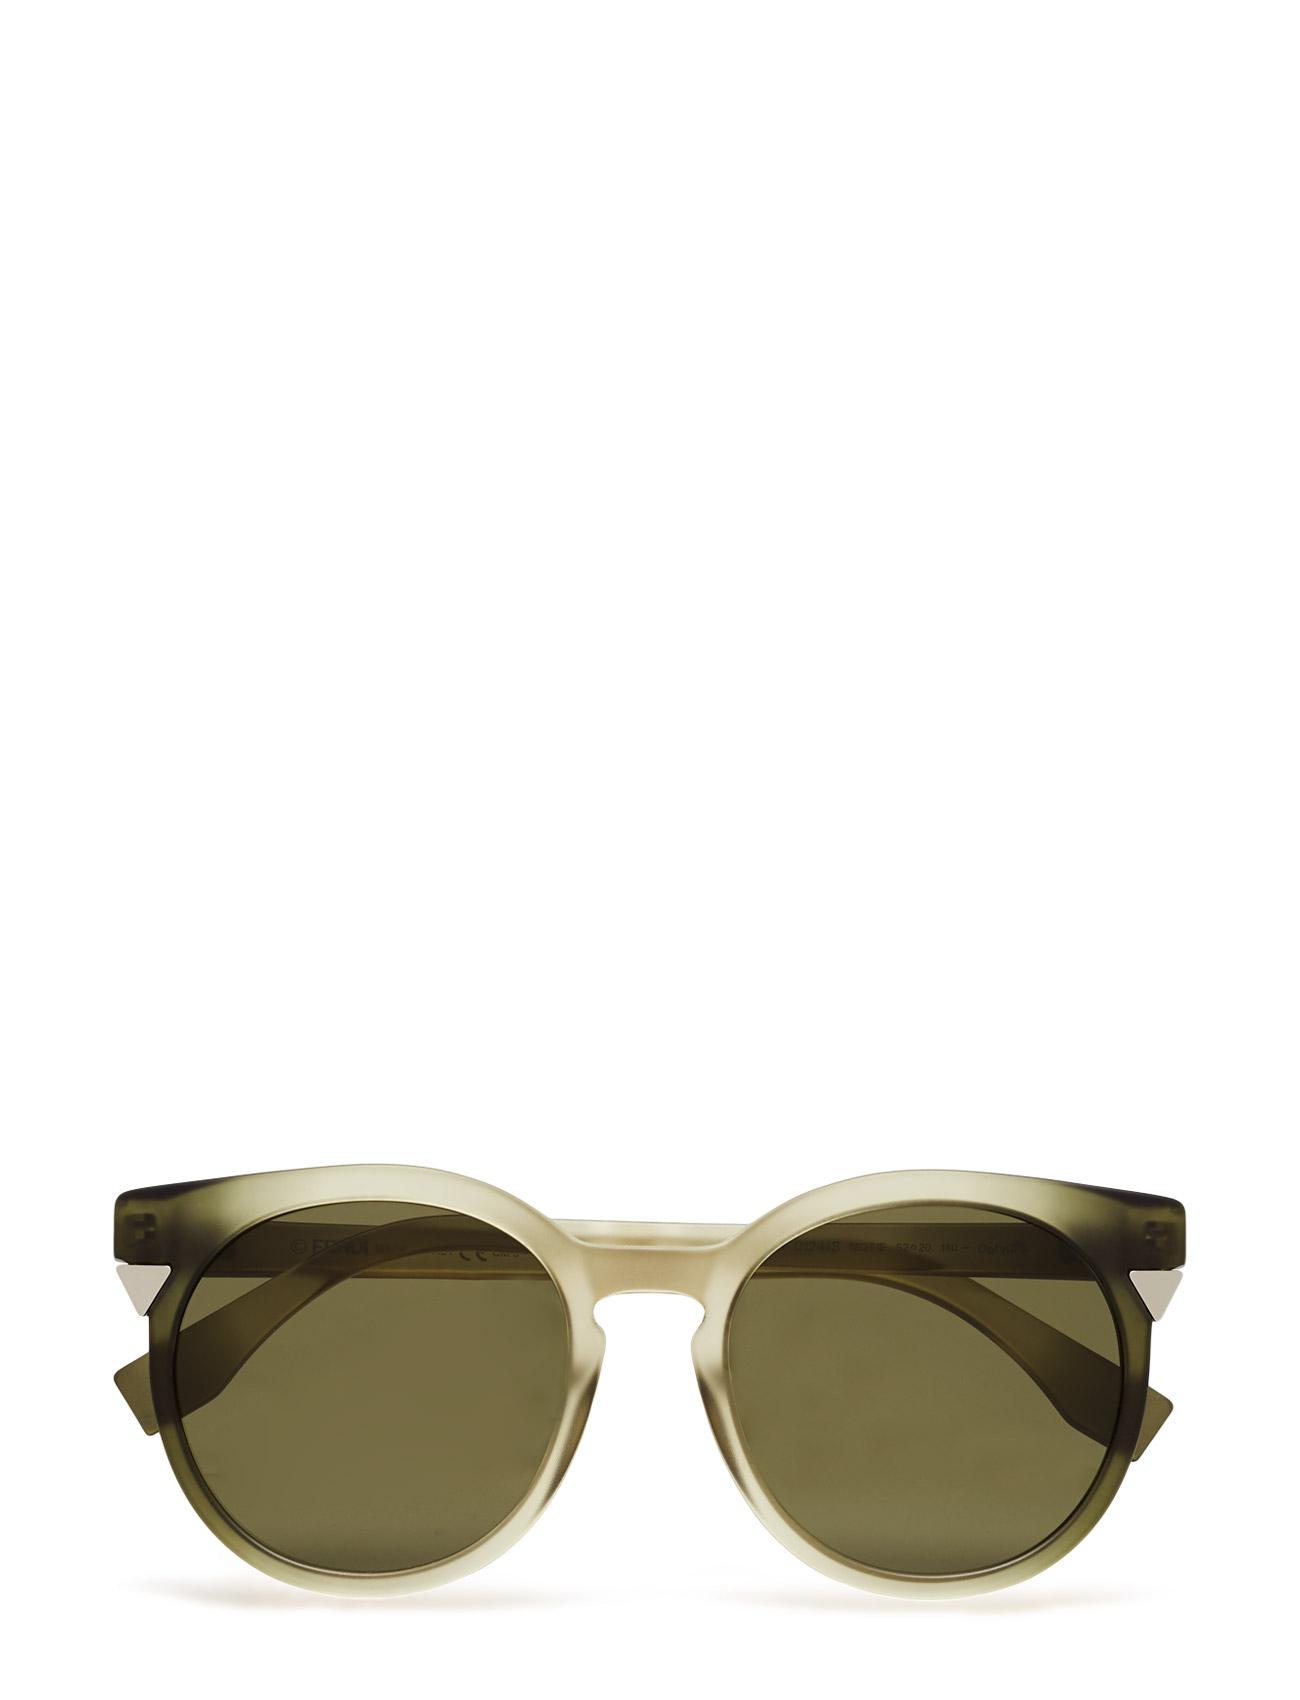 230367 Fendi Sunglasses Solbriller til Damer i